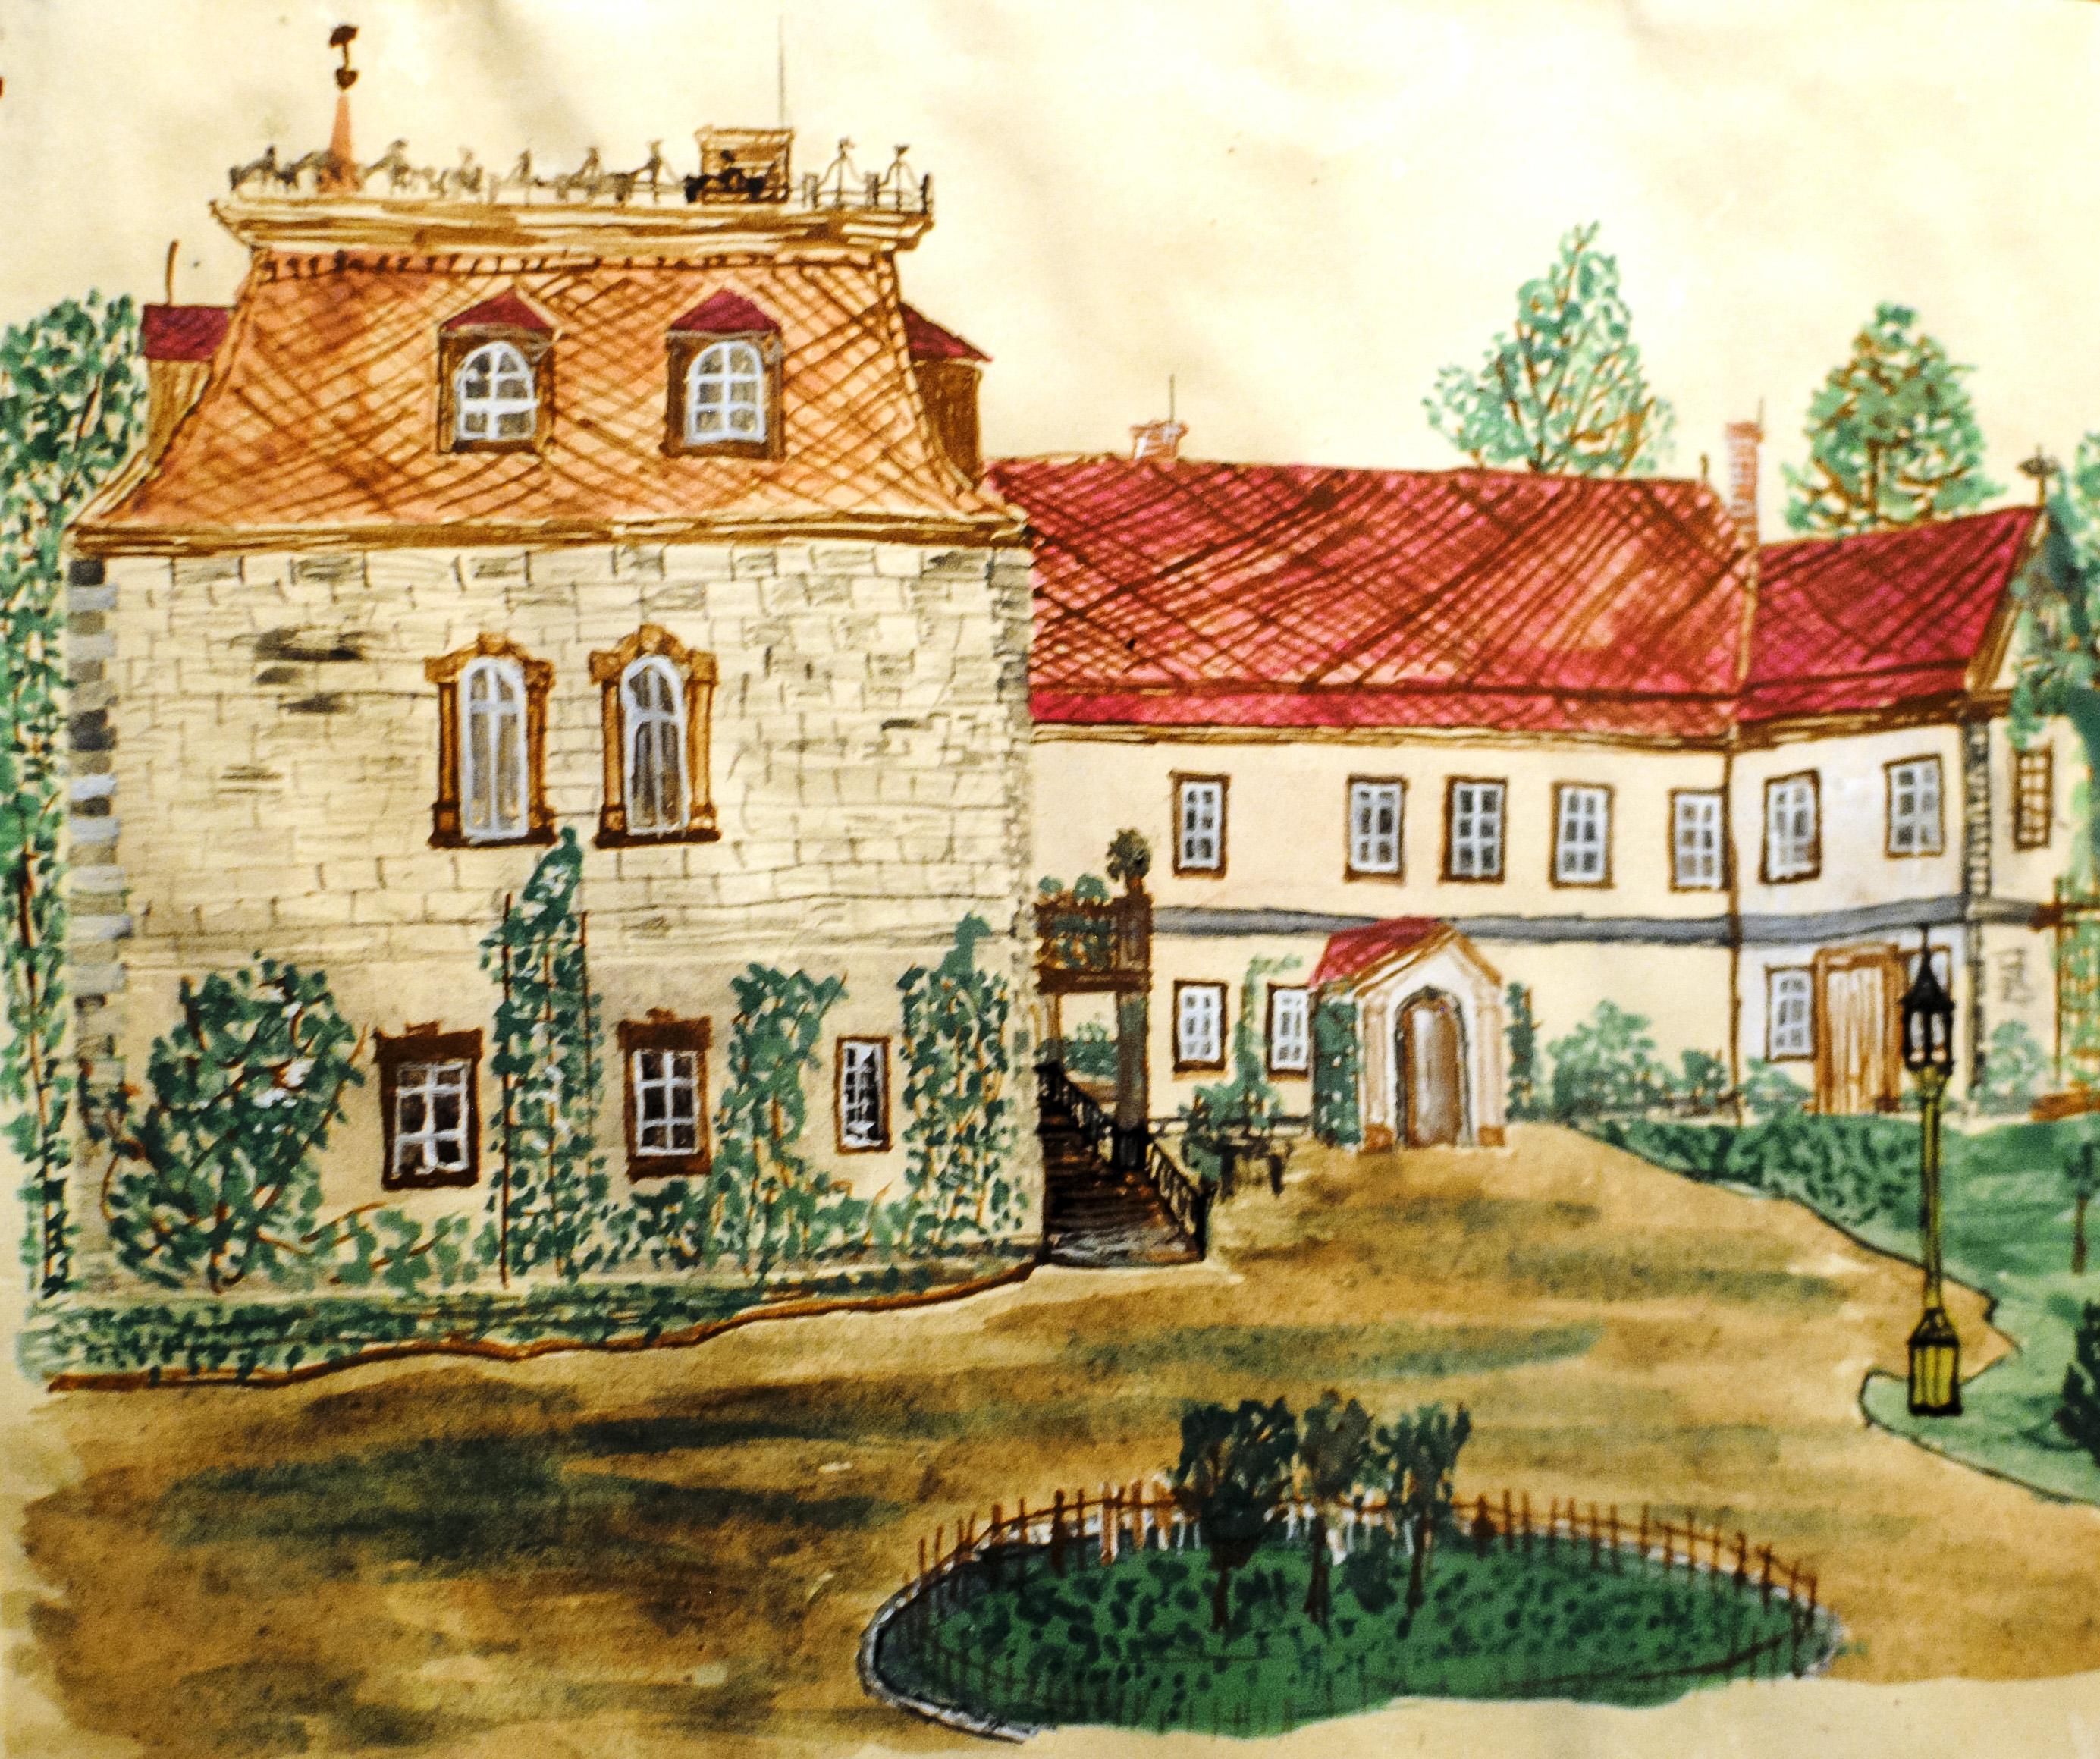 Villa in Ingersleben - historische Ansicht